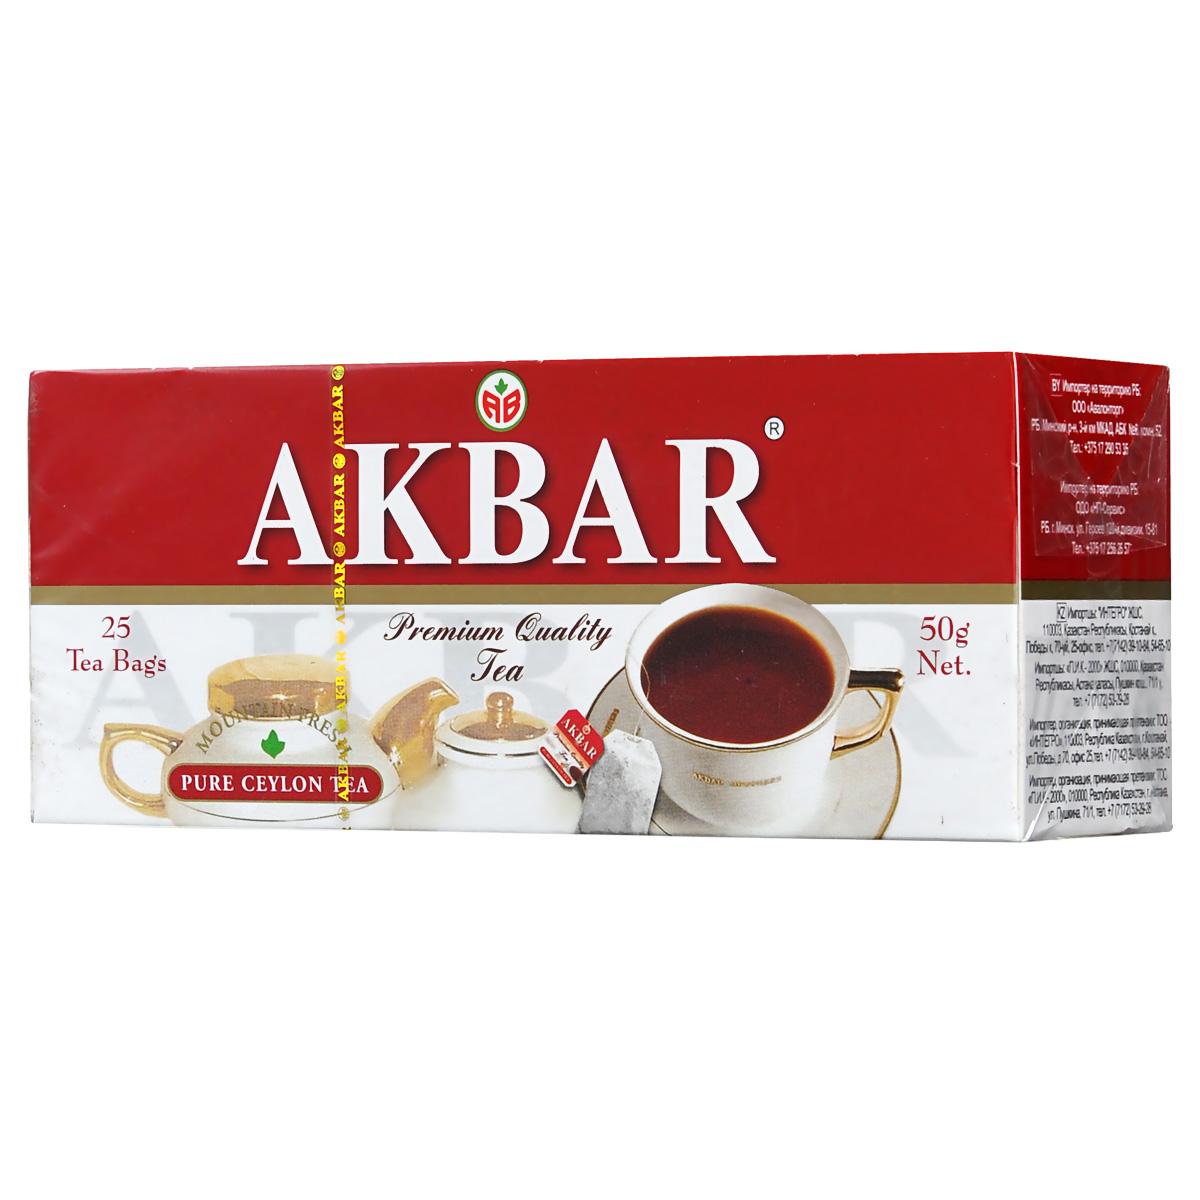 Akbar Mountain Fresh черный чай в пакетиках, 25 шт0120710Для производства великолепного черного чая Akbar Mountain Fresh используется лишь самое свежее и отборное сырье, которое получают с плантаций, расположенных в провинциях Kandy и Dimbula, на высоте от 2000 до 4000 футов над уровнем моря. Причем сортируется оно перед началом производства, а не после, как это принято у многих других компаний, что позволяет избегать смешивания соков нежных и грубых листьев при скручивании и, соответственно, понижения качества конечного продукта.